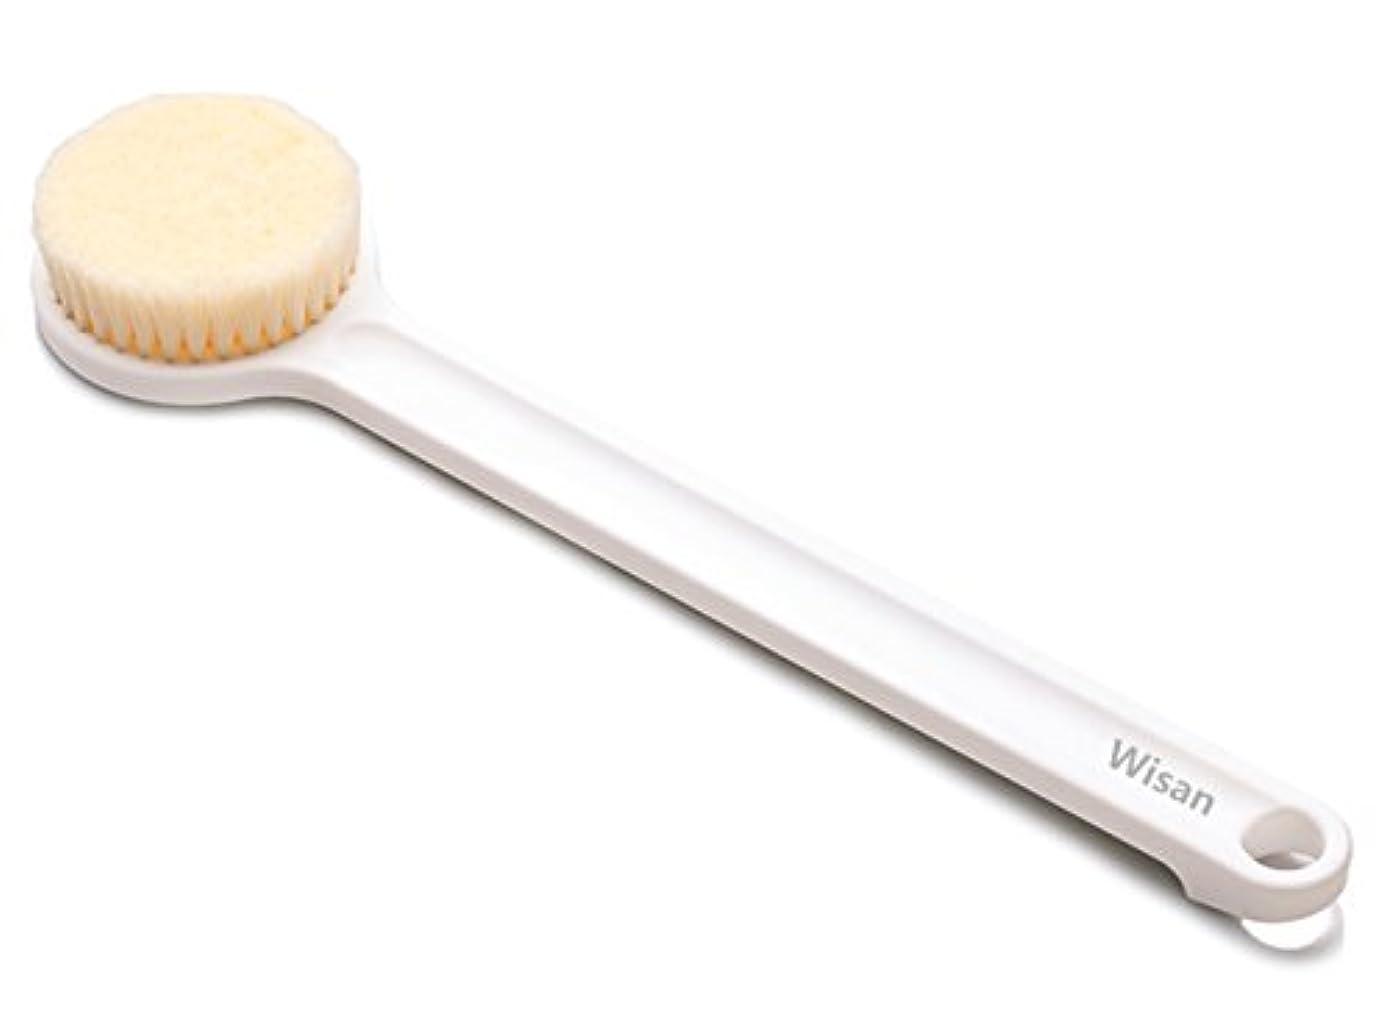 咳検査倍率Wisan ボディブラシ ソフトヘアアンチスリップロングハンドル リング付シャワーブラシ (ホワイト) (1個)